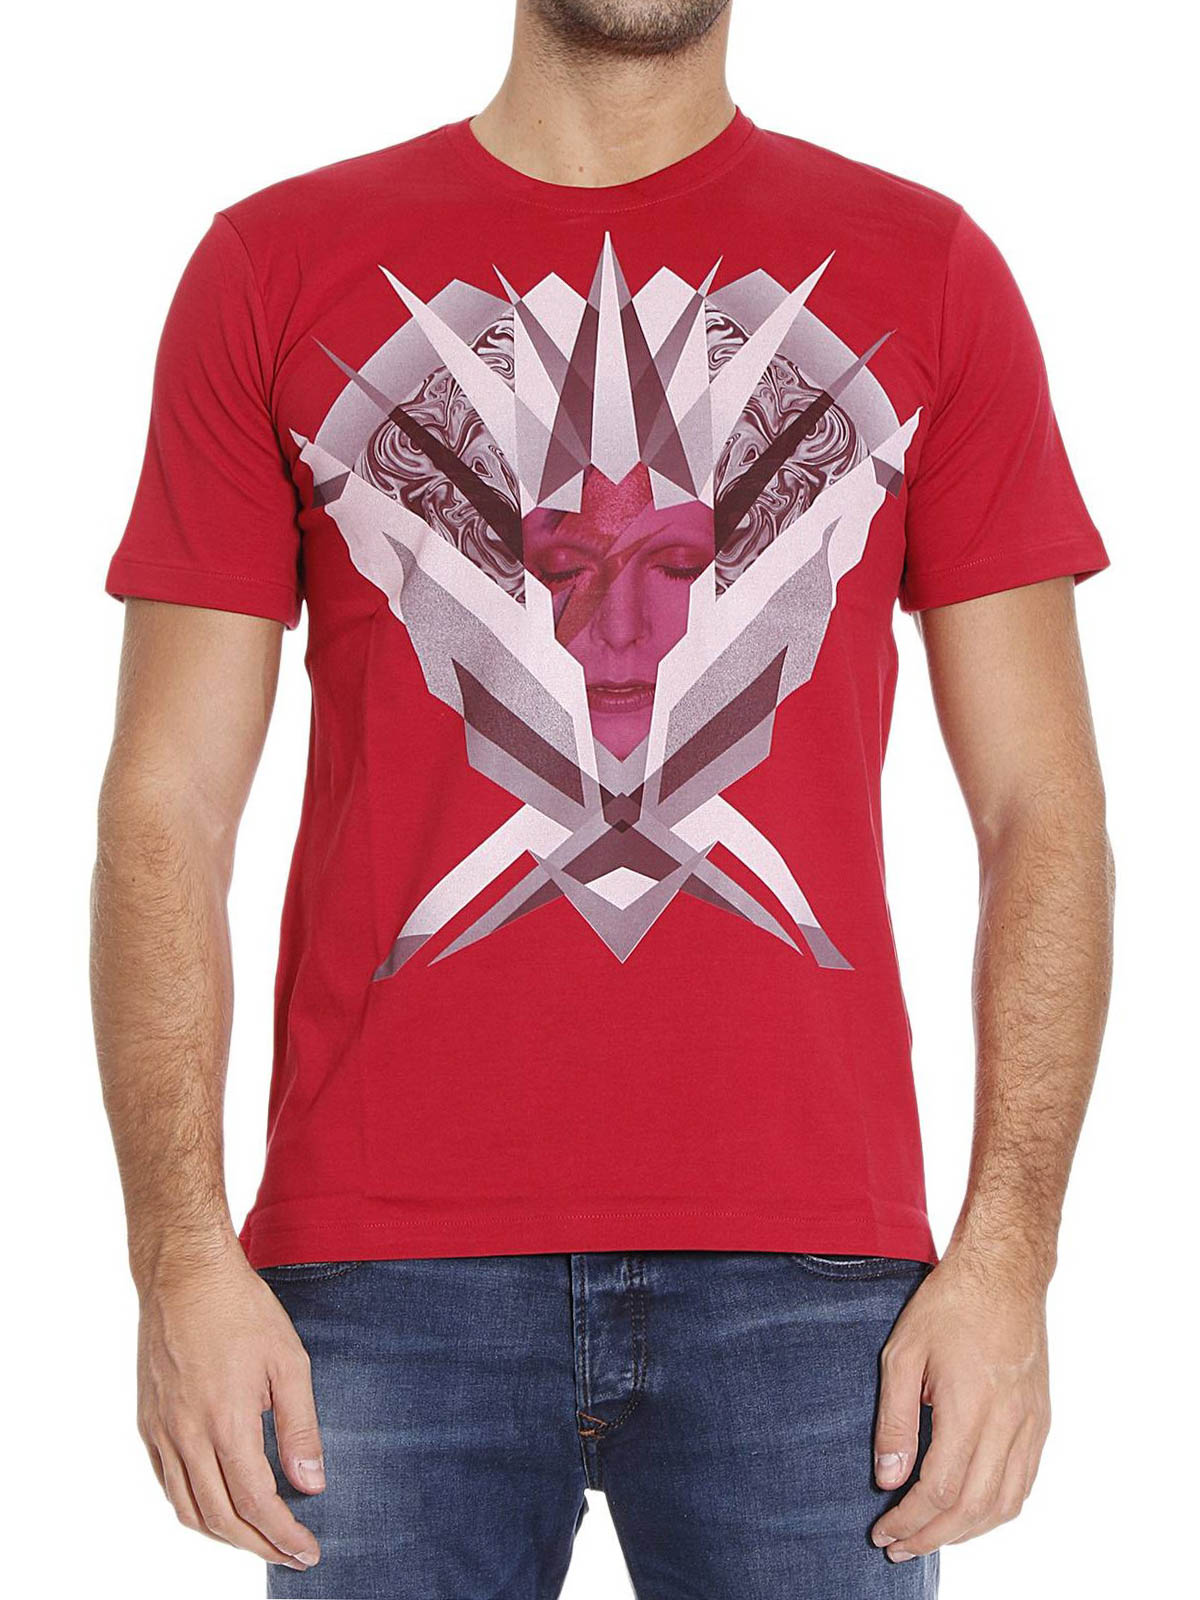 David bowie printed cotton t shirt by john richmond t for T shirt printing richmond va